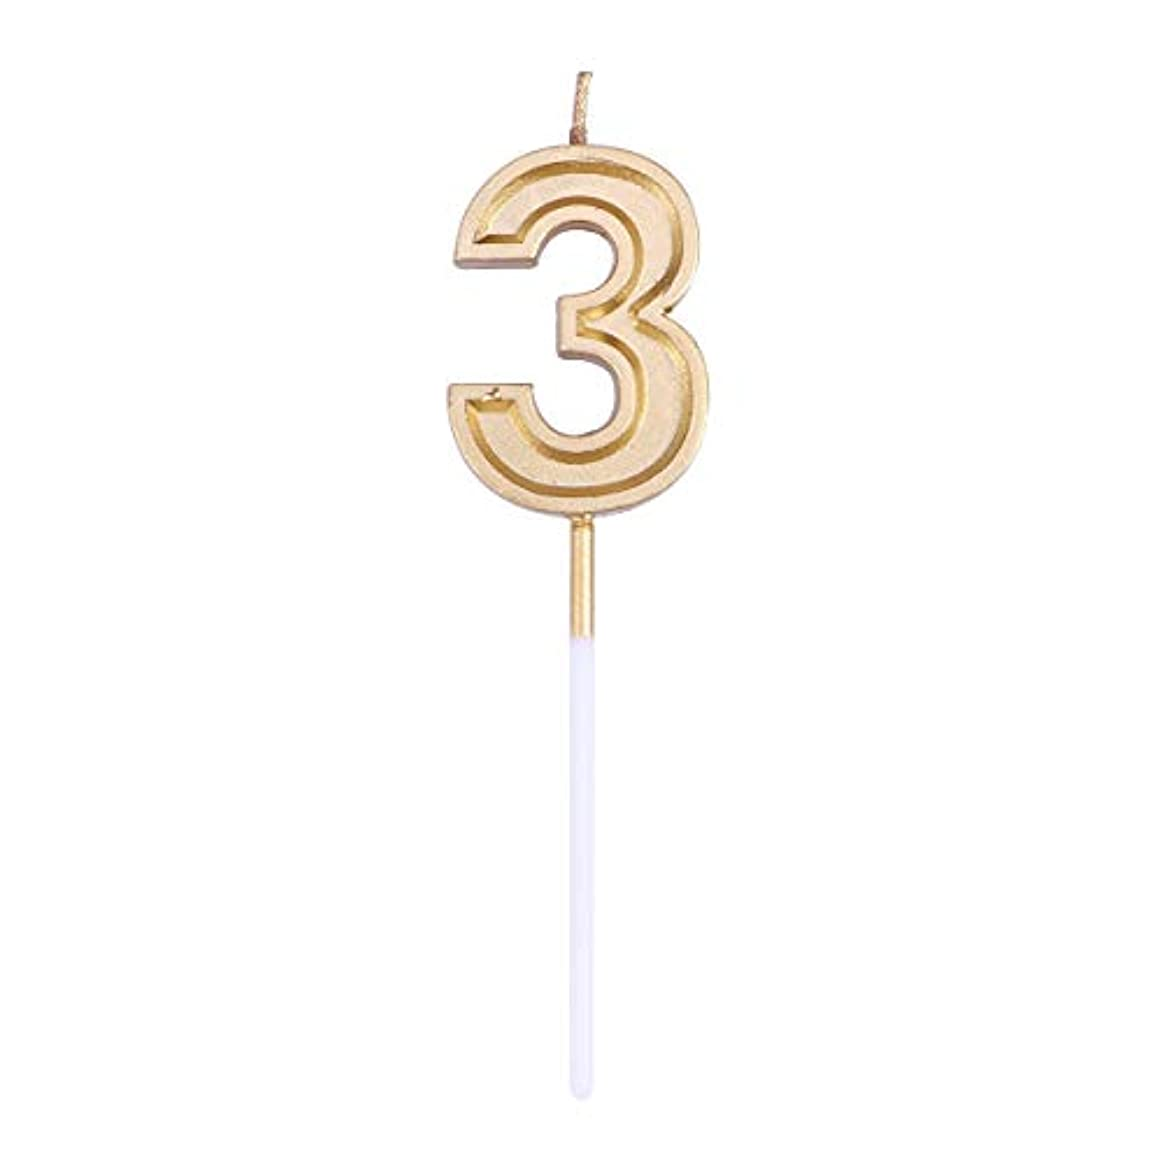 置換薬連結するToyvian ゴールドラメ誕生日おめでとう数字キャンドル番号キャンドルケーキトッパー装飾用大人キッズパーティー(番号3)